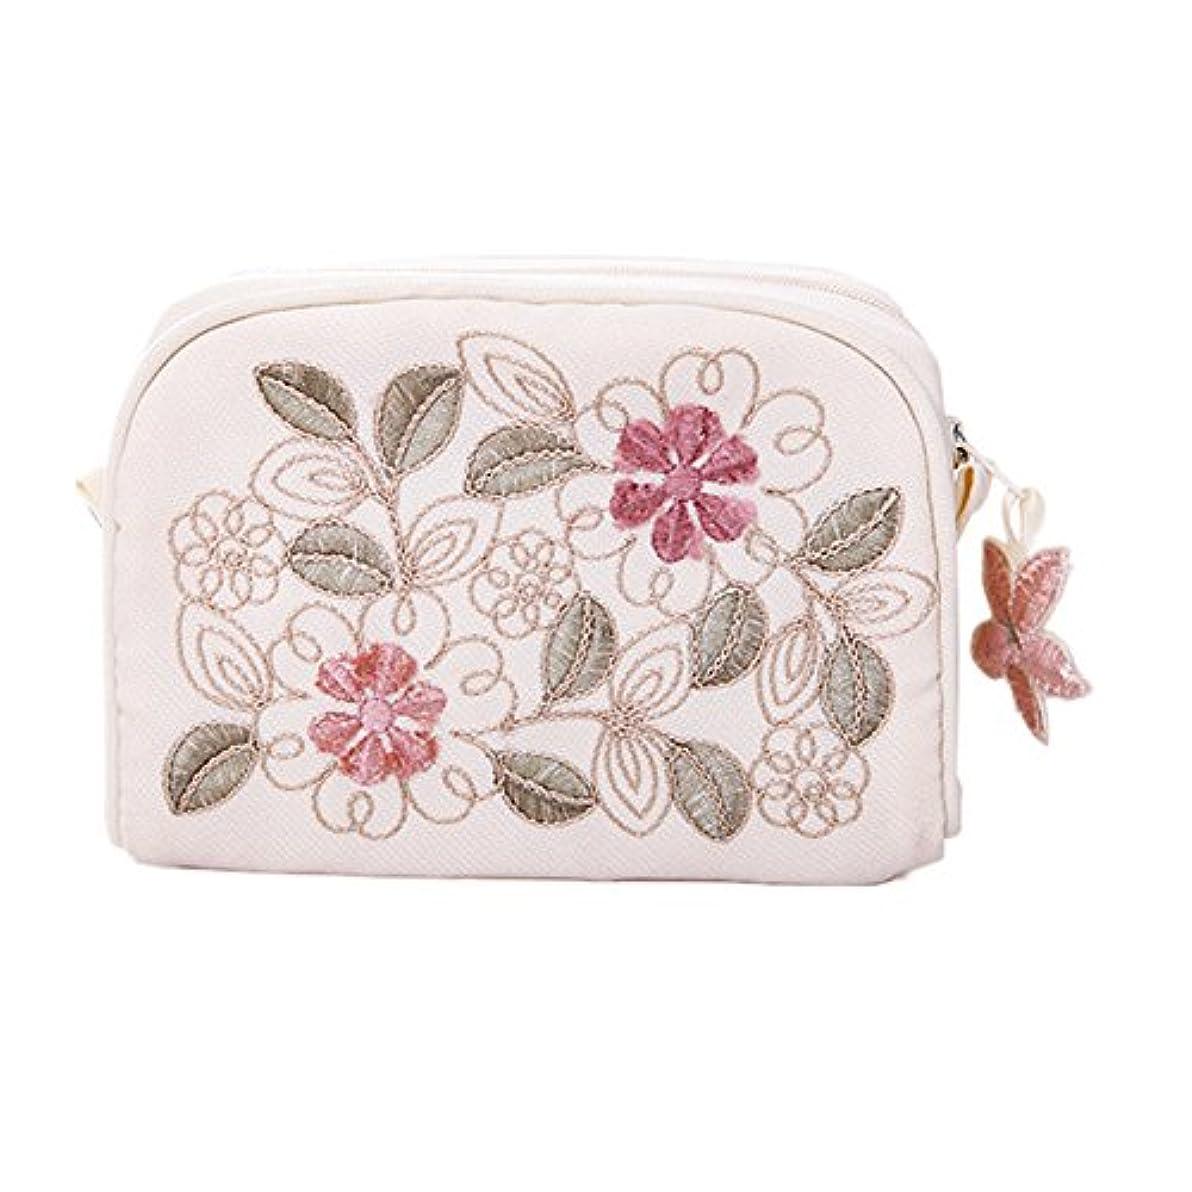 寄託なしで消費する特大スペース収納ビューティーボックス 女の子の女性旅行のための新しく、実用的な携帯用化粧箱およびロックおよび皿が付いている毎日の貯蔵 化粧品化粧台